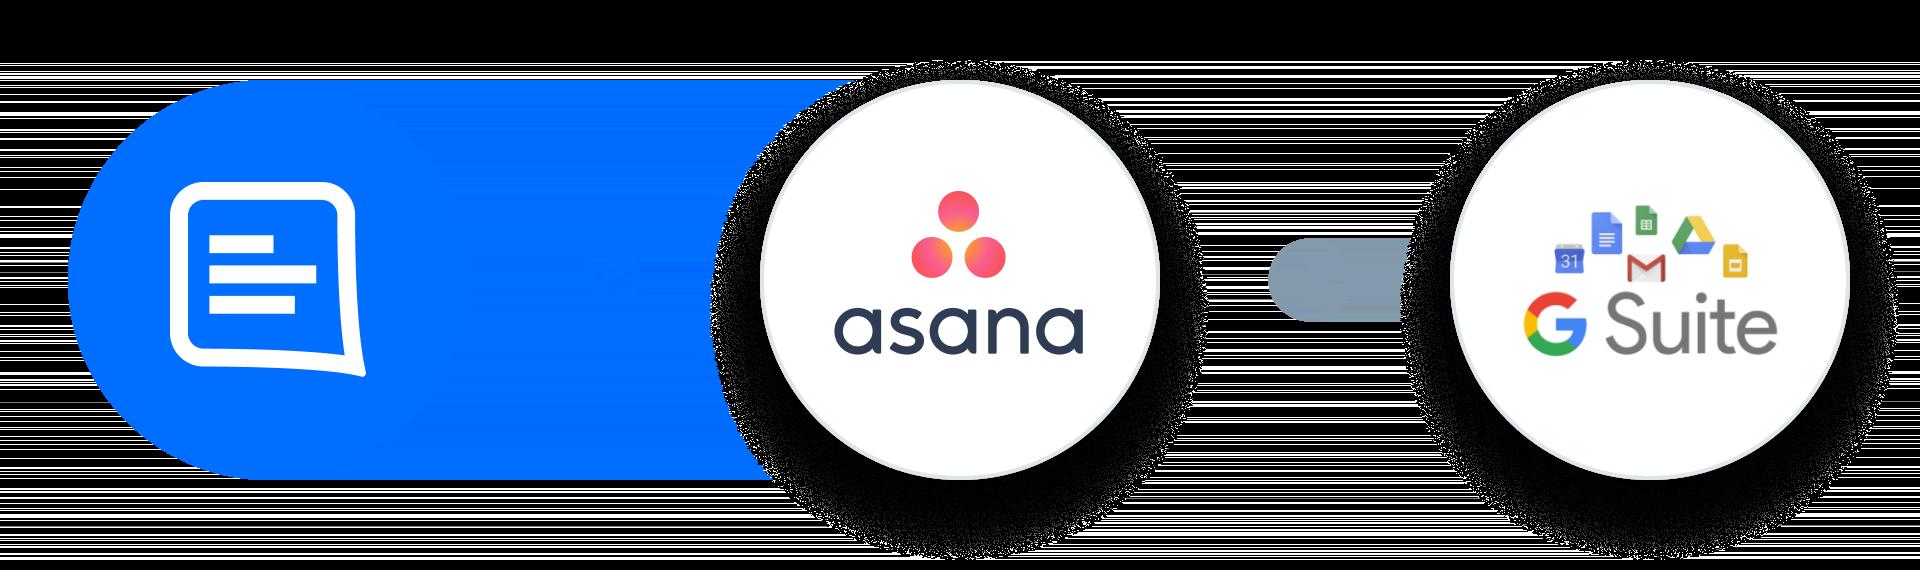 GatherContent vs Asana + G Suite